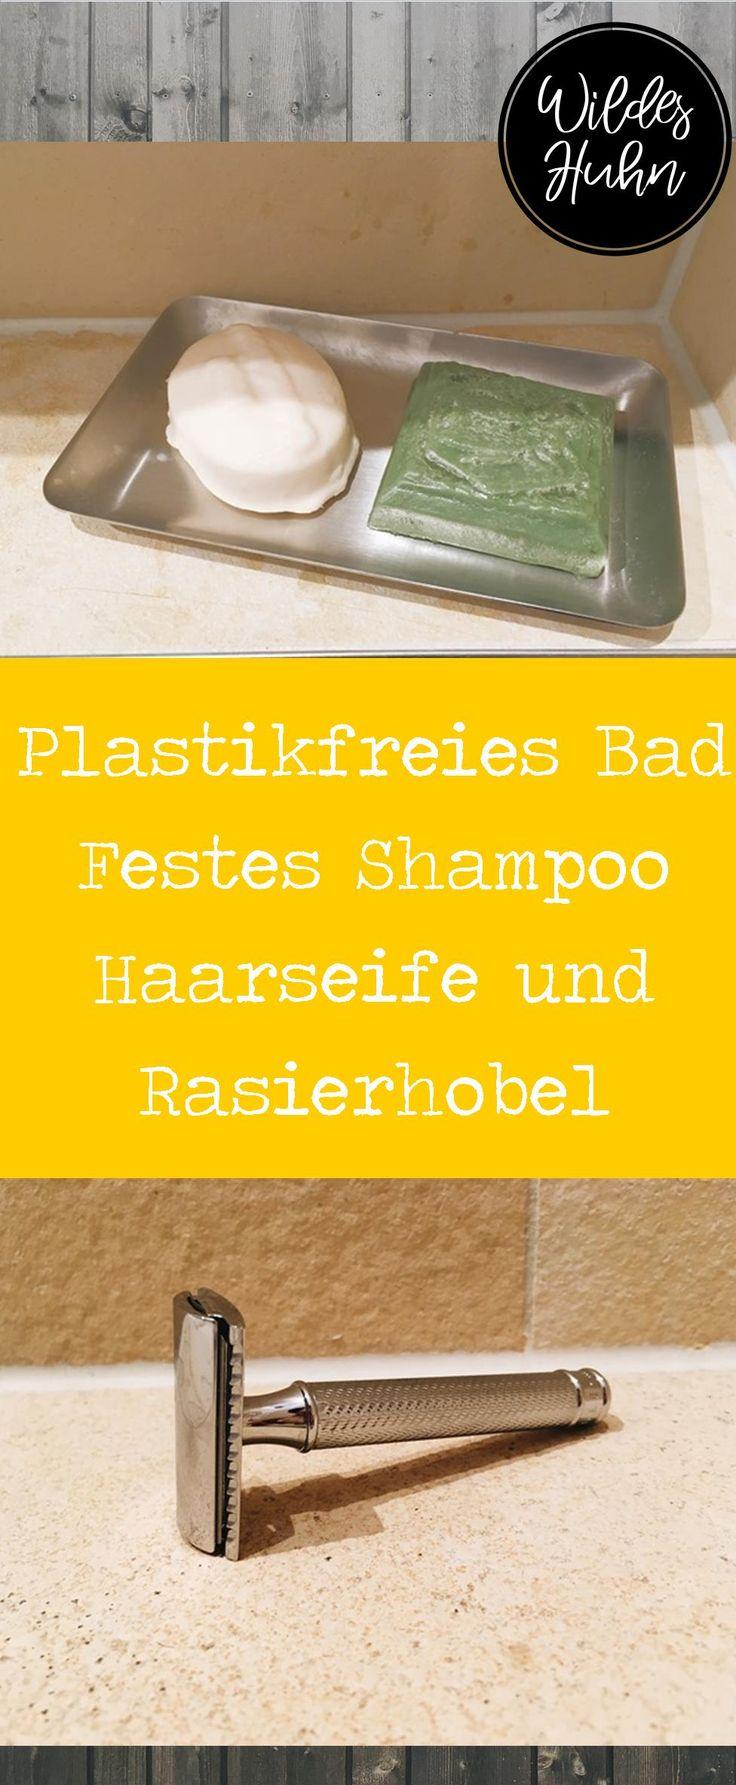 So kannst du ganz einfach im Bad auf plastikfreie Alternativen umstellen. Bericht über festes Shampoo, Conditioner, Haarseife und Rasierhobel.